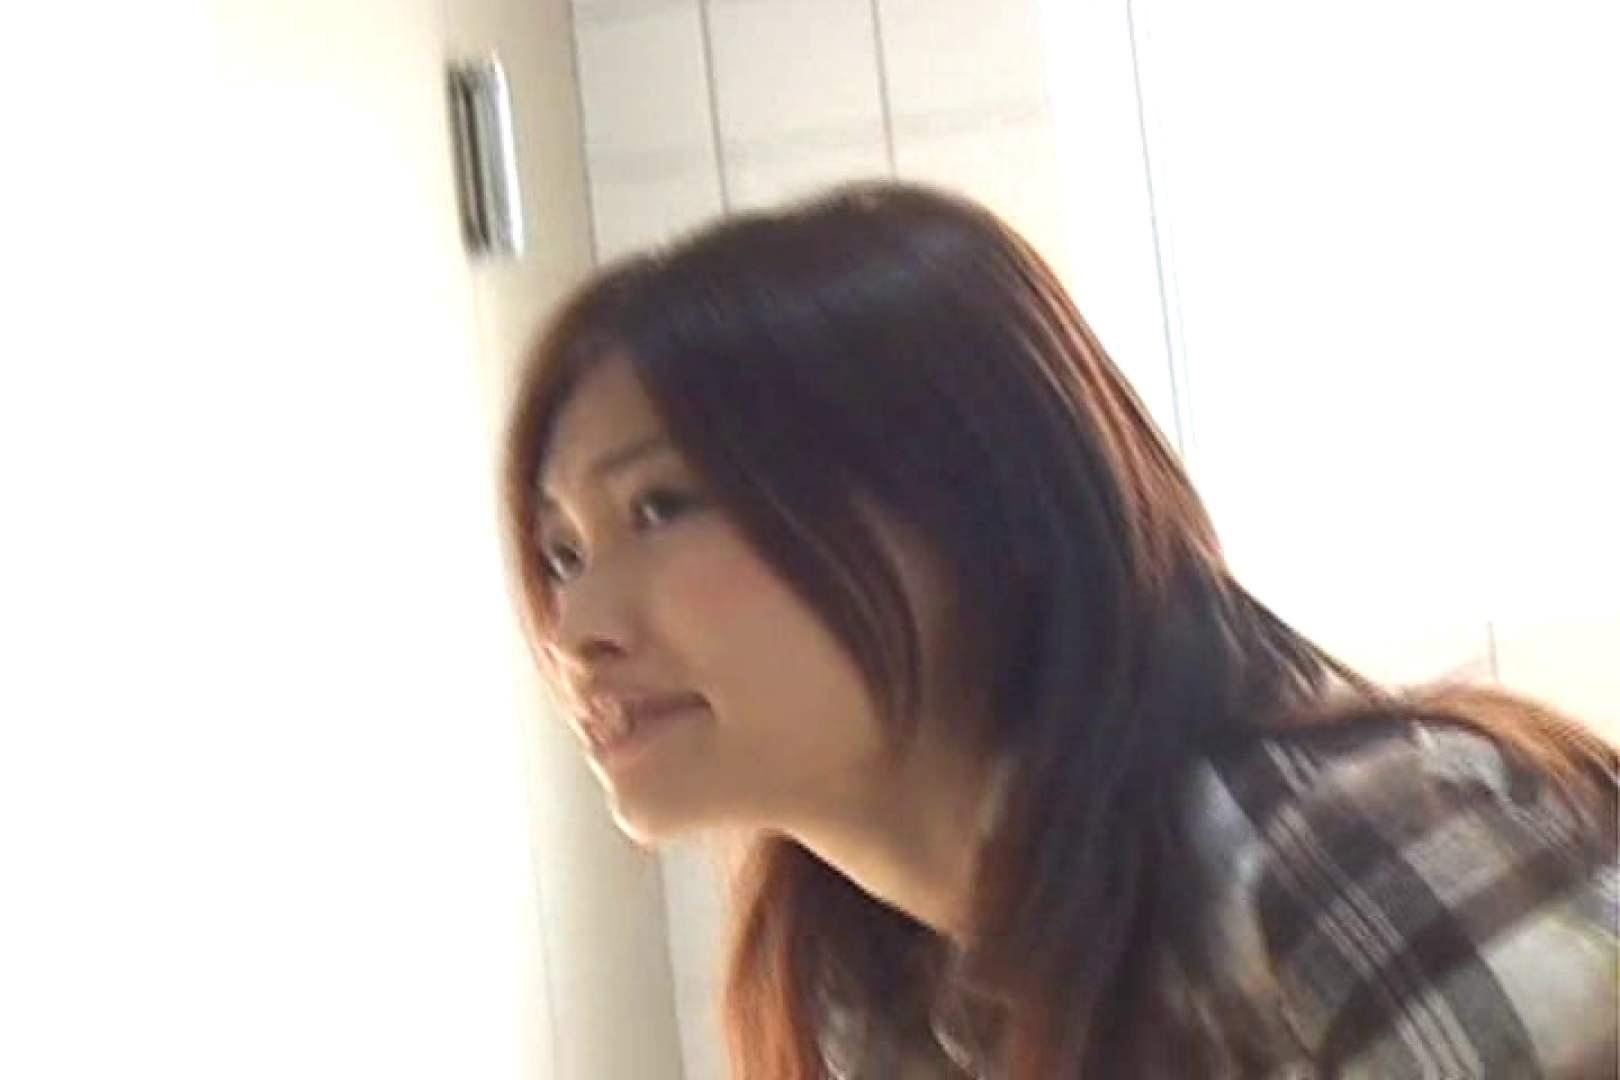 出ちゃう!漏れちゃう!!人妻編Vol.3 洗面所 オメコ動画キャプチャ 108PIX 35